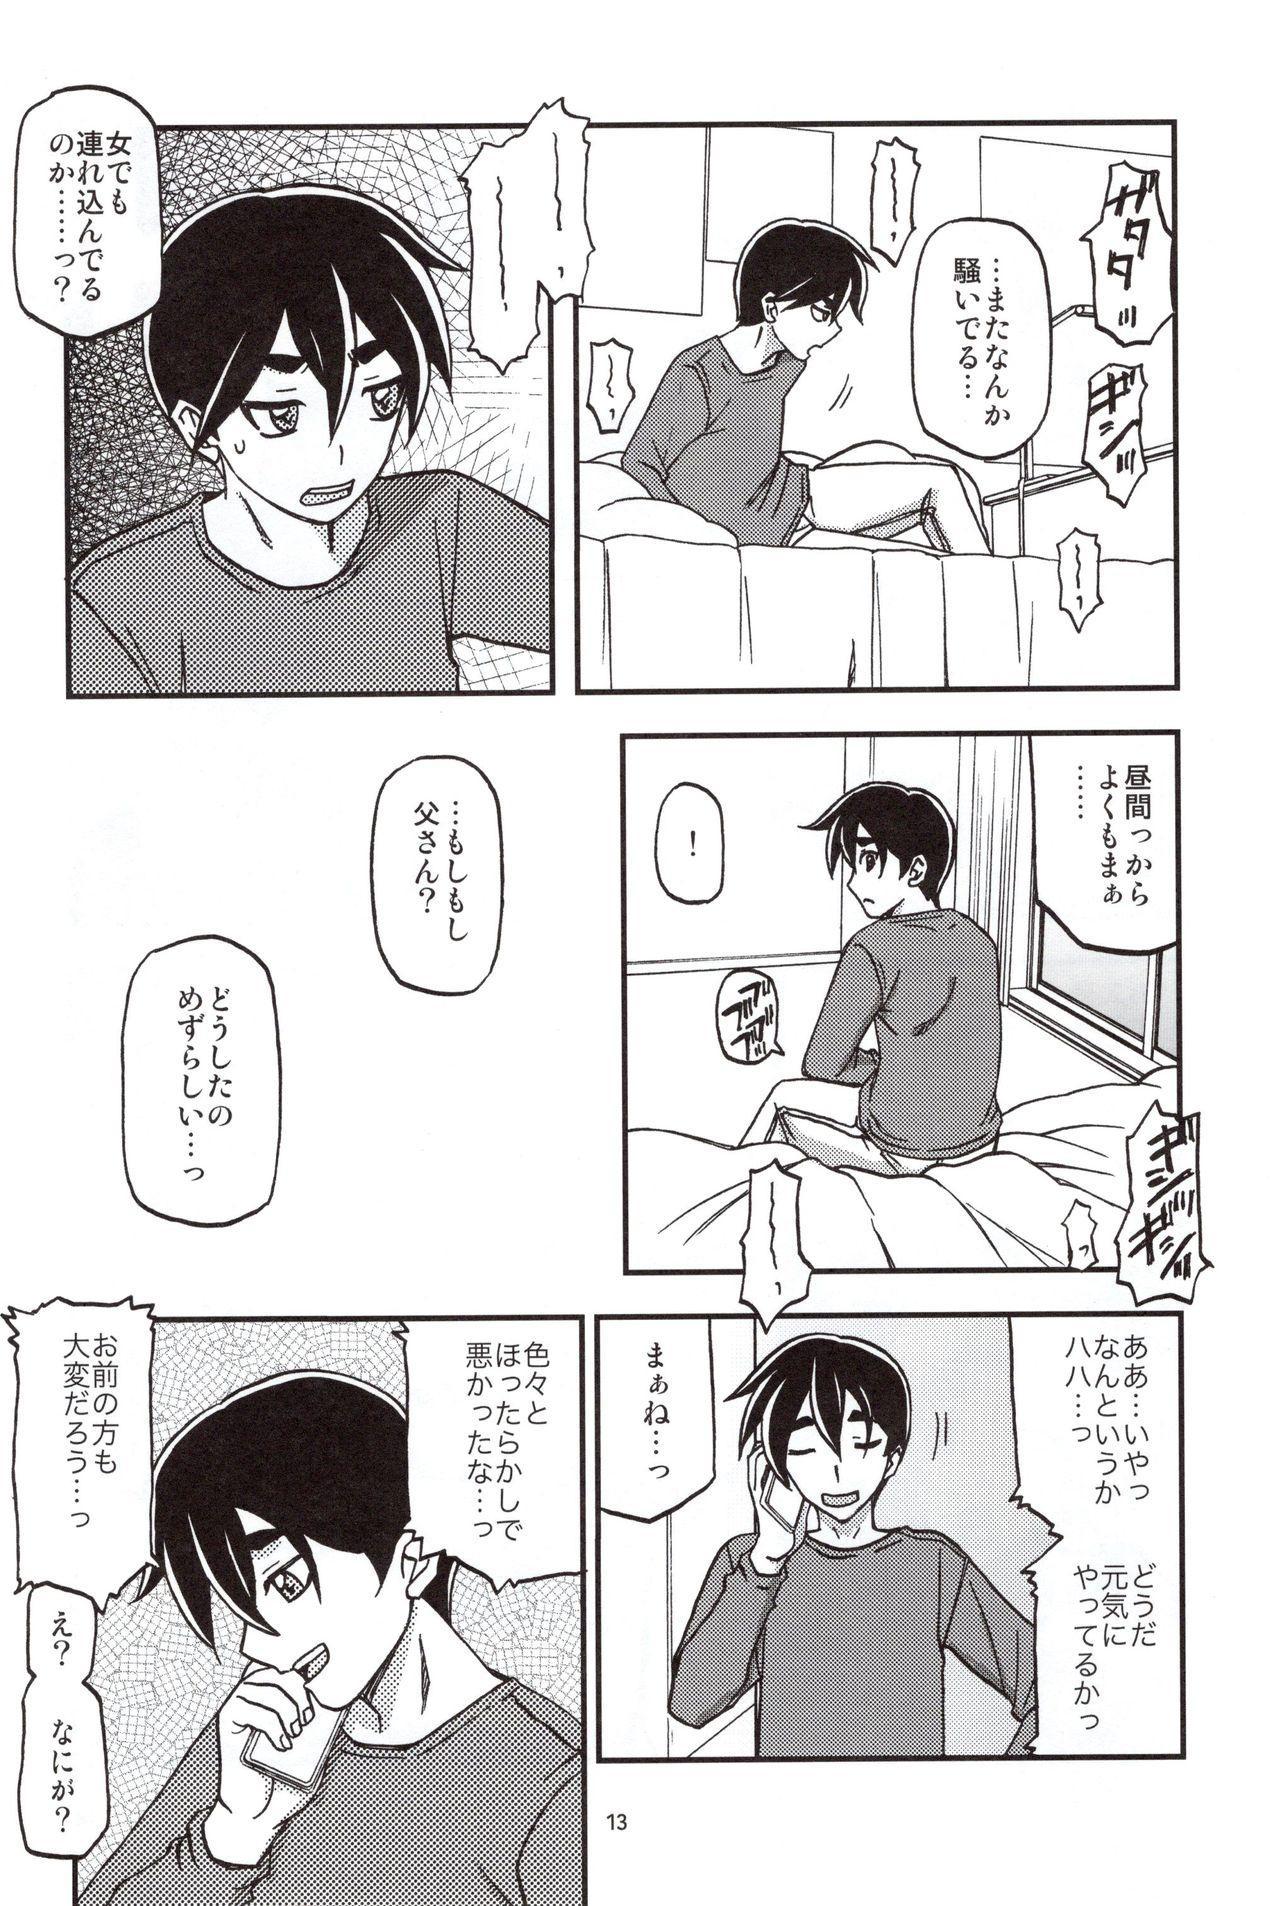 Yama Hime no Mi Orie 11